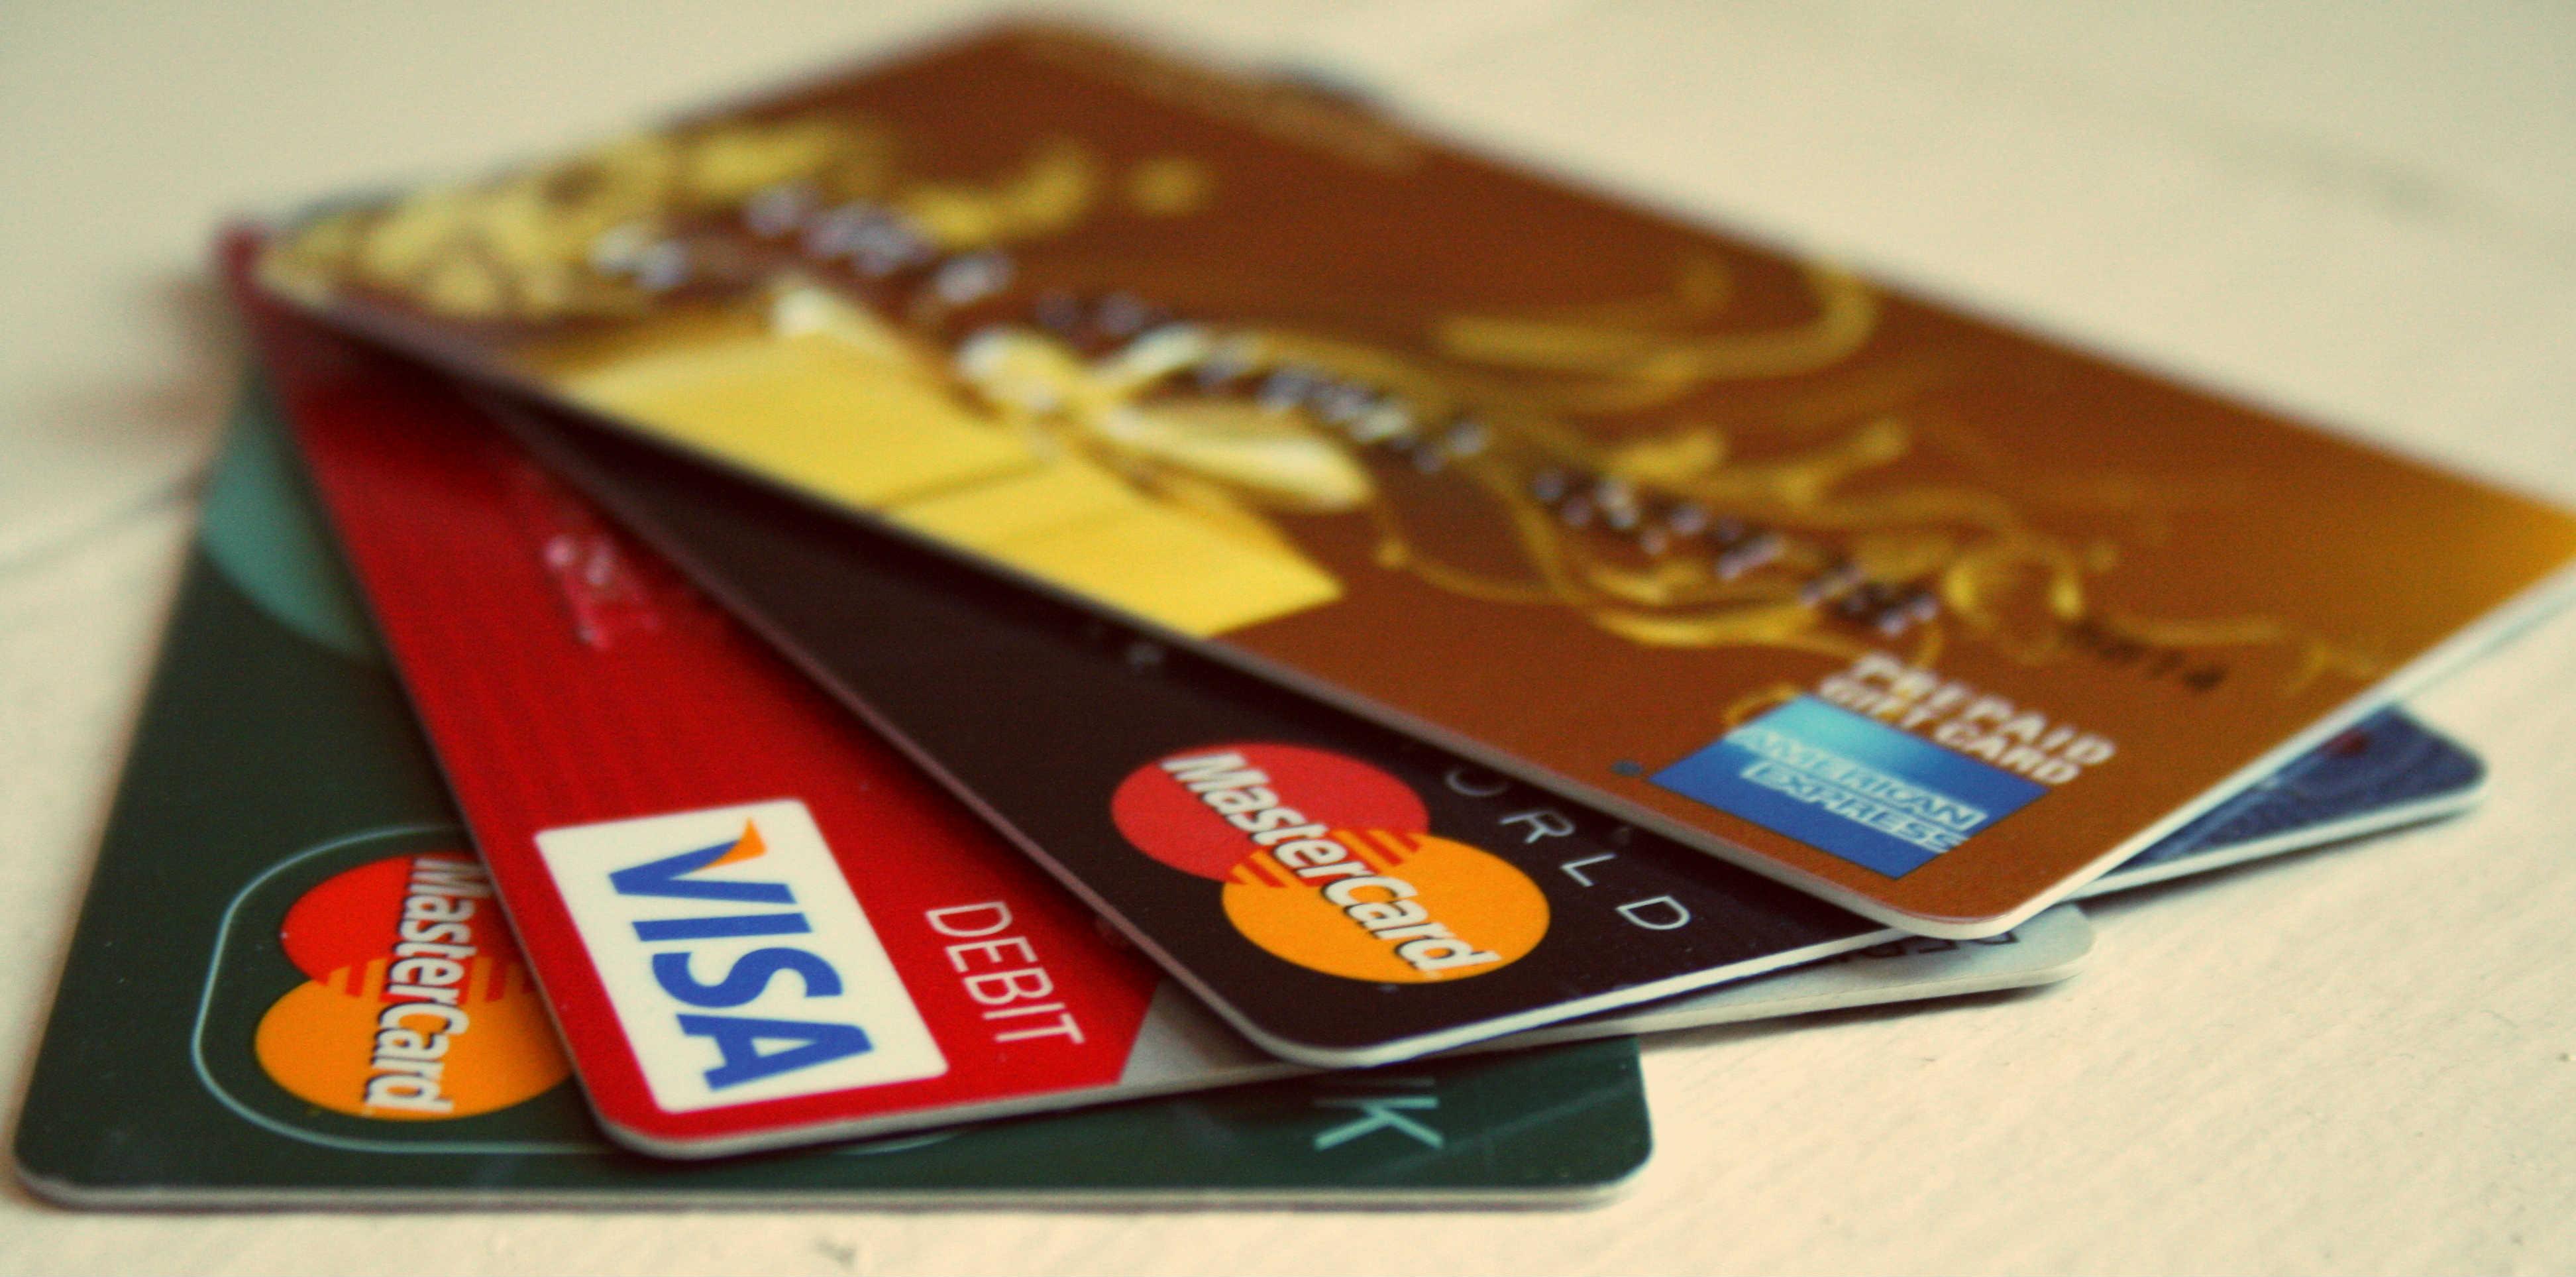 Kapattırdığım Kredi Kartını Yeniden Açtırabilir Miyim ?